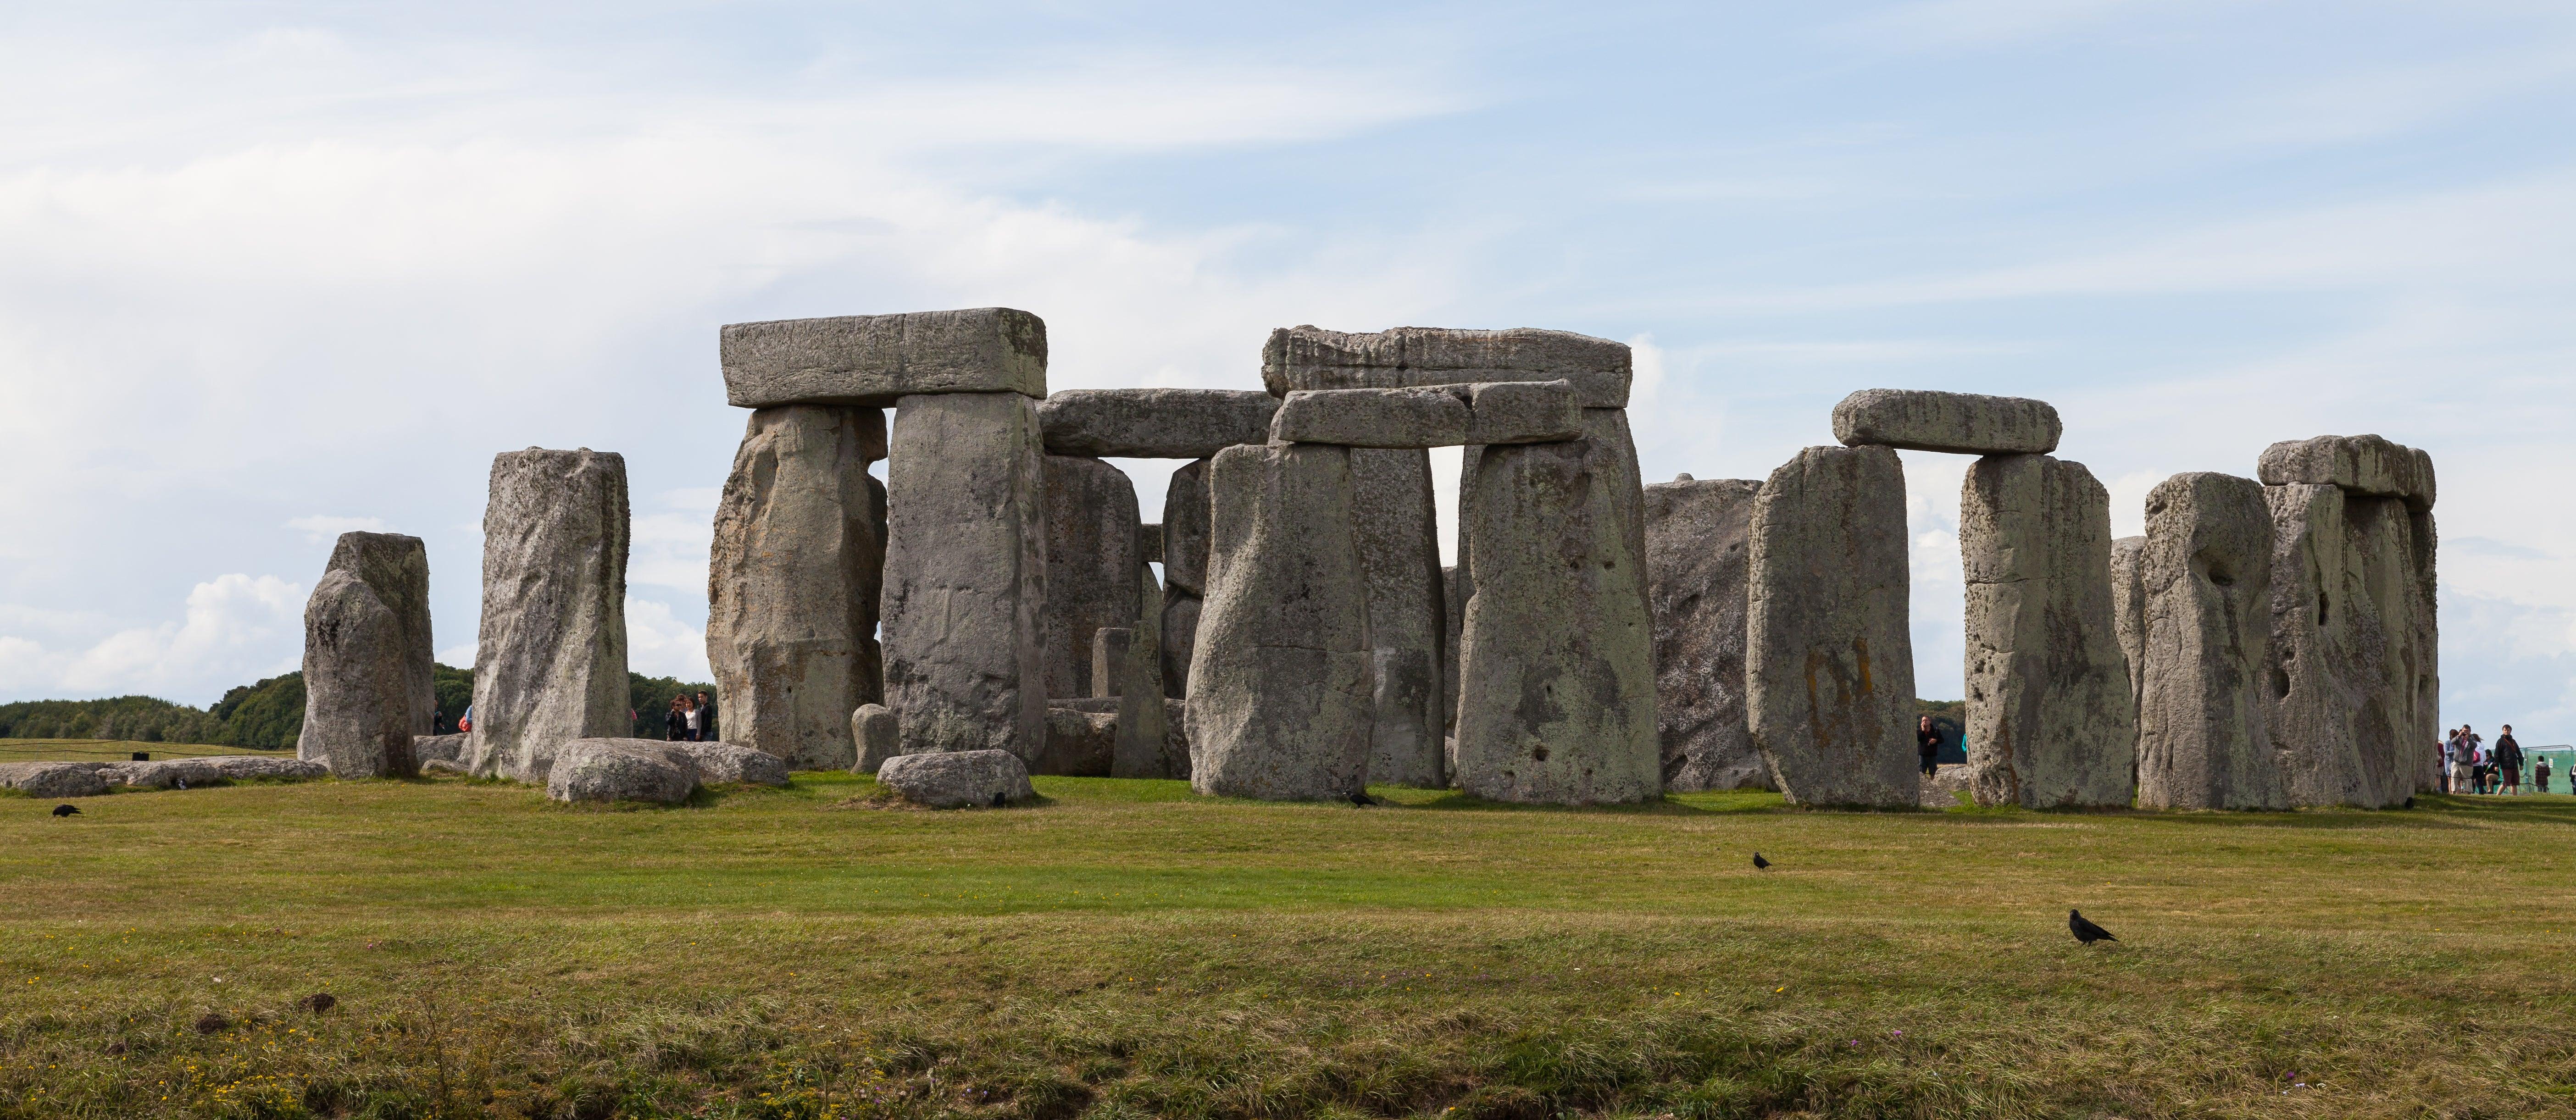 La cantera de la que procede Stonehenge apunta la existencia de otro monumento